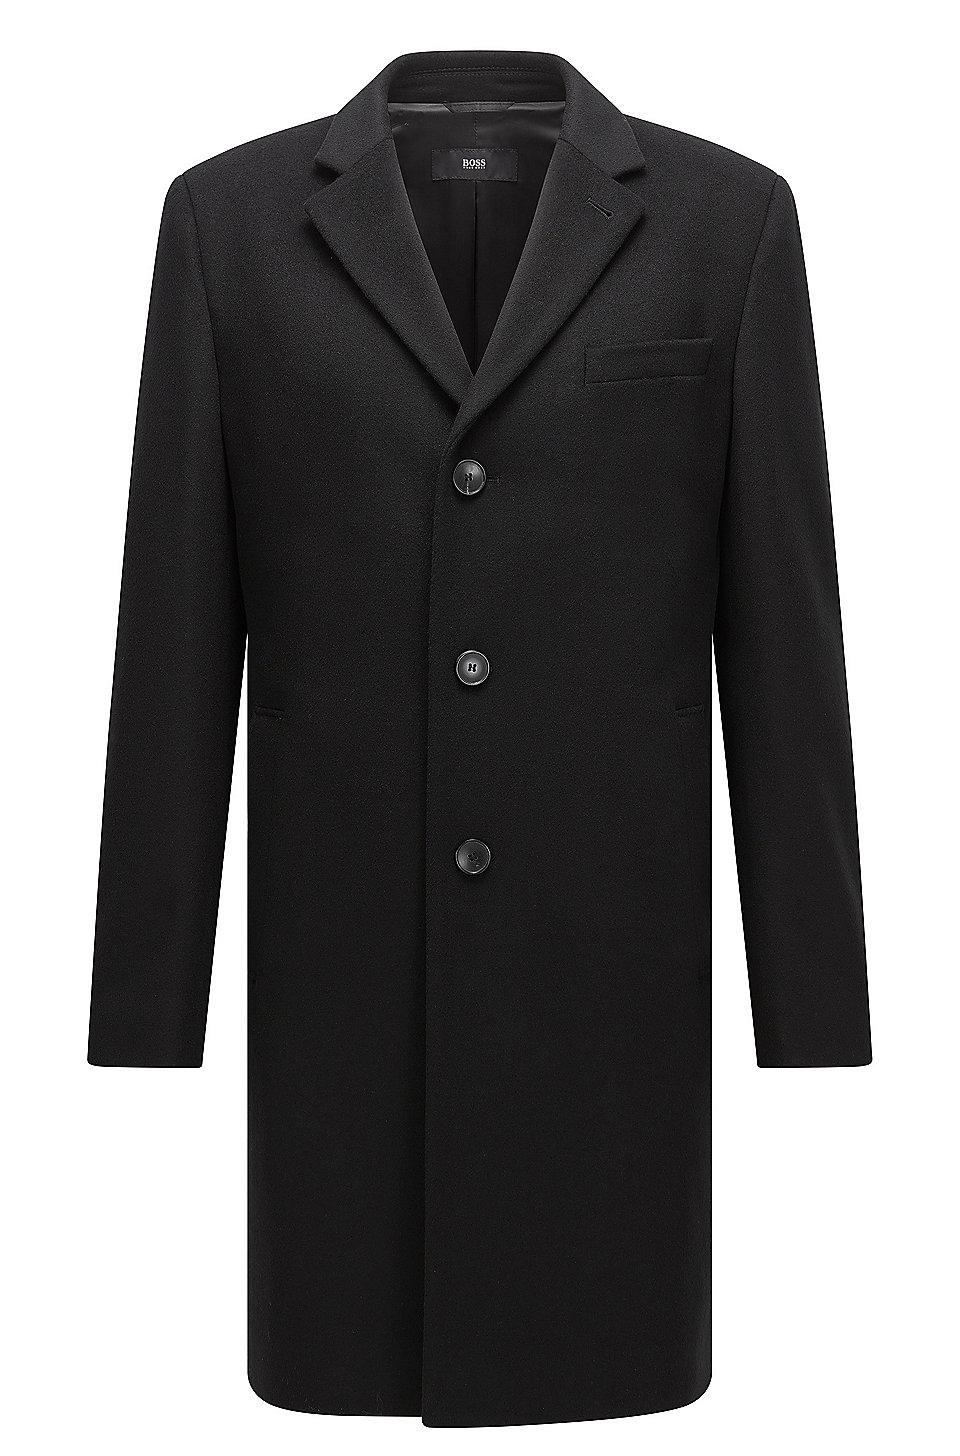 wool blend coat in a slim fit. Black Bedroom Furniture Sets. Home Design Ideas